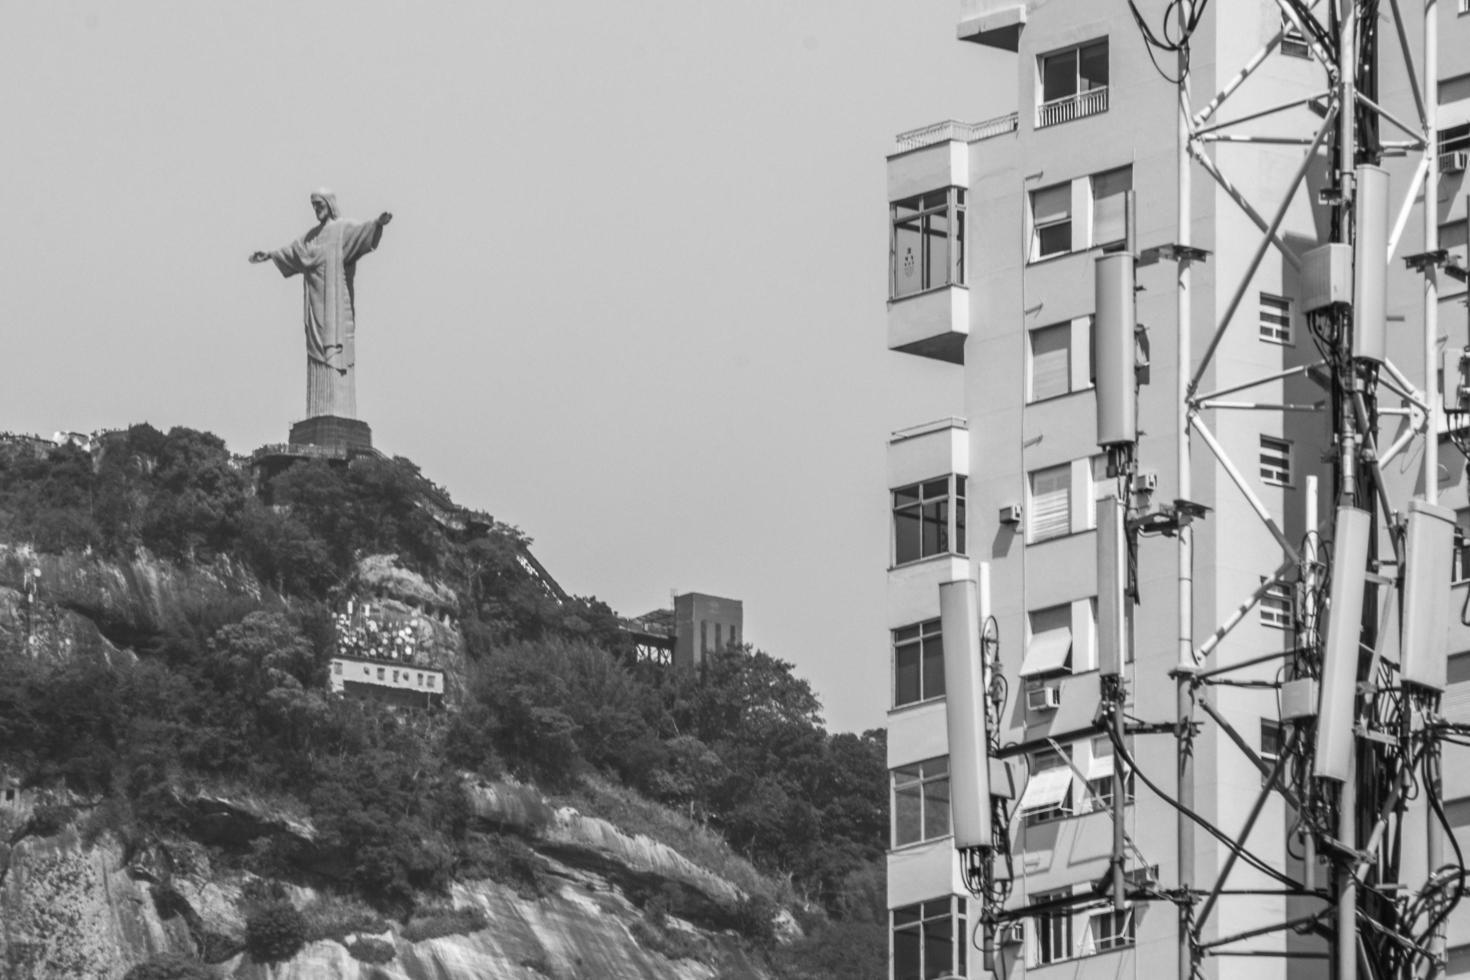 rio de janeiro, brazilië, 2021 - christus de verlosser foto